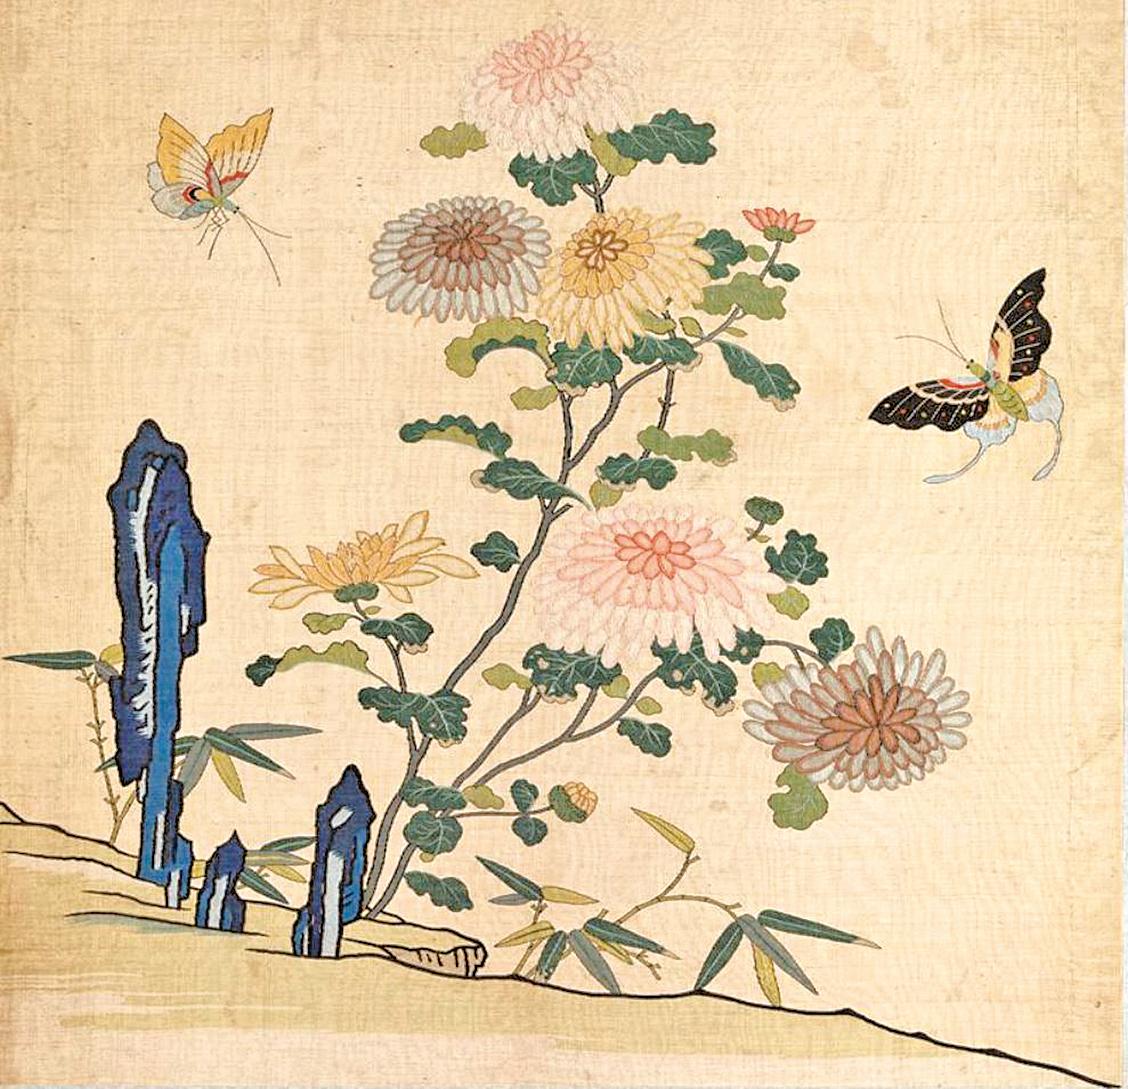 緙絲花卉《刻絲花卉冊.菊花雙蝶》,國立故宮博物院藏。(公有領域)